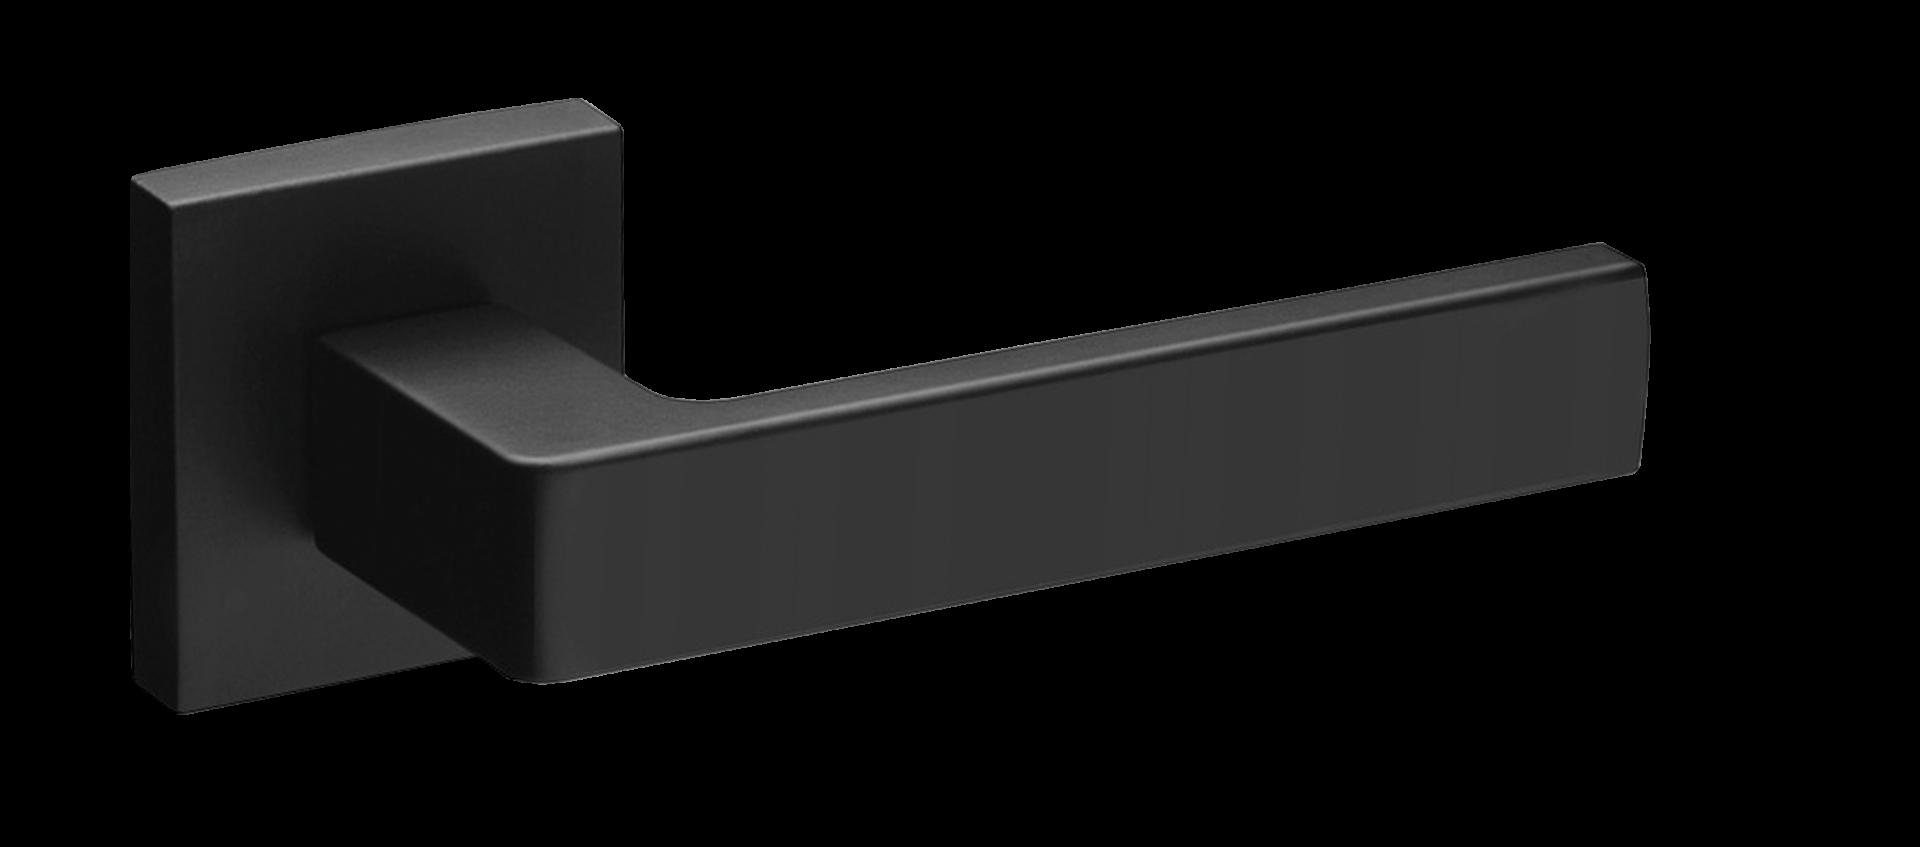 Klamka SPIGOLA-QR - czarny